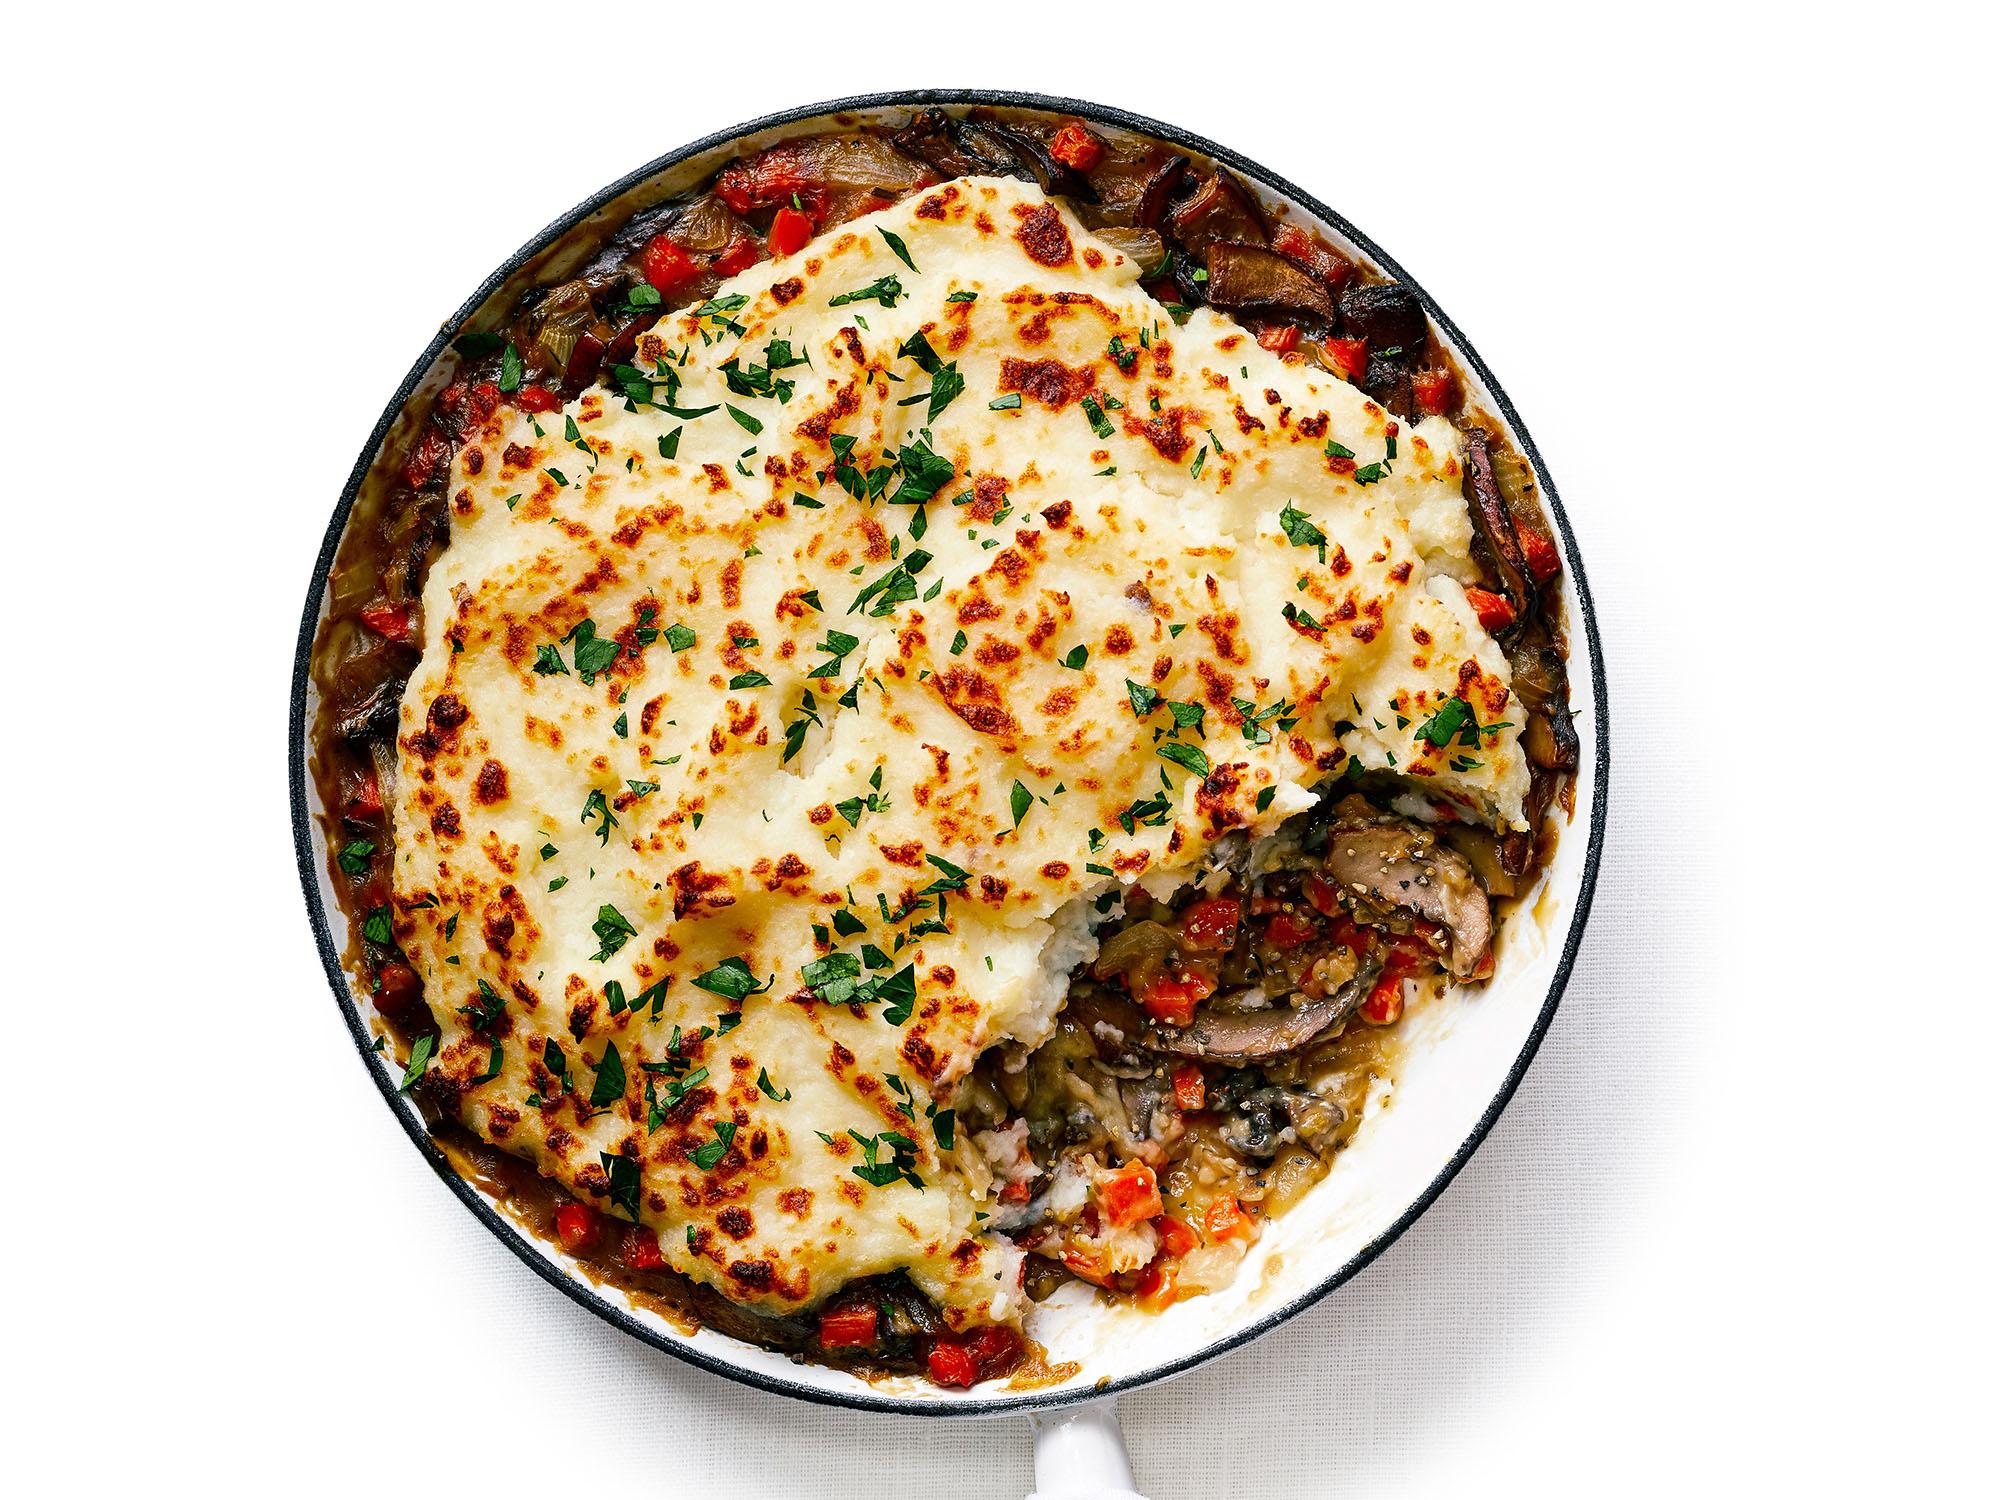 one-pan-poprtabella-mushroom-shepherds-pie-su.jpg